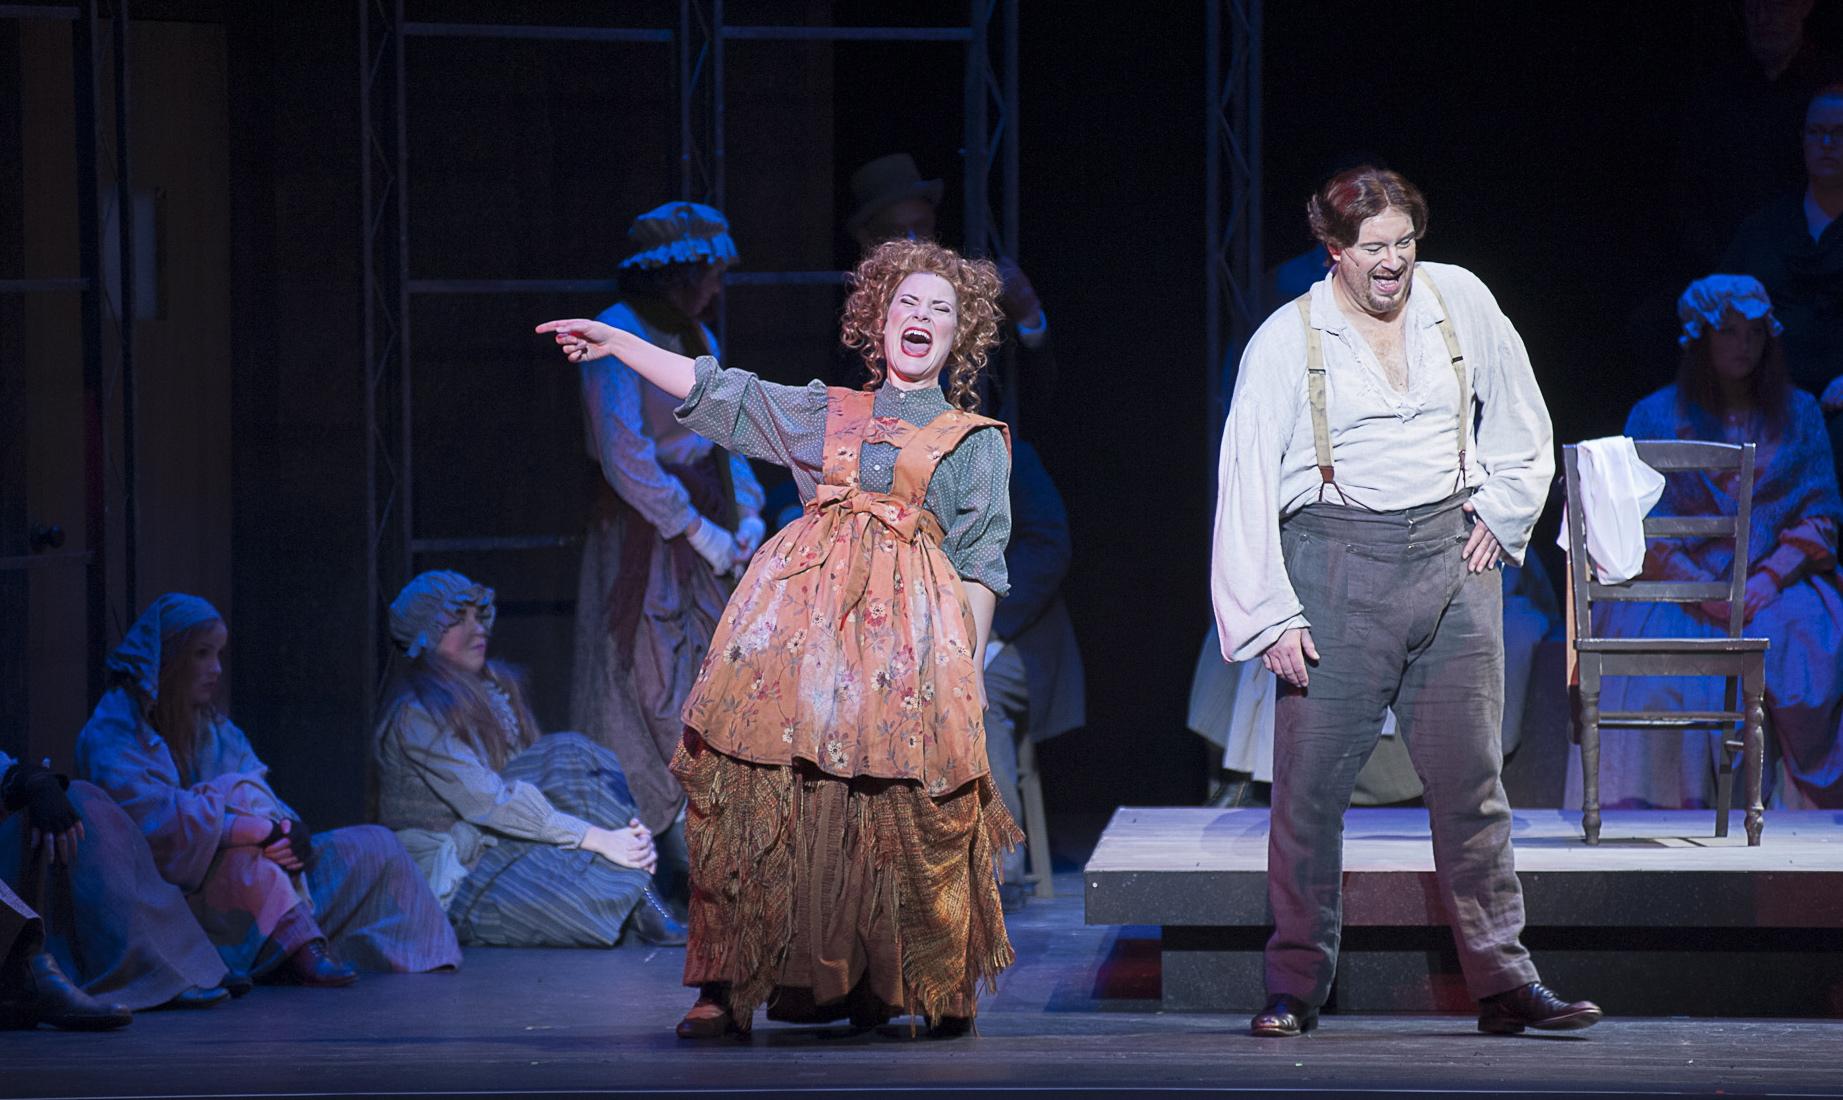 Pensacola Opera Sweeney Todd